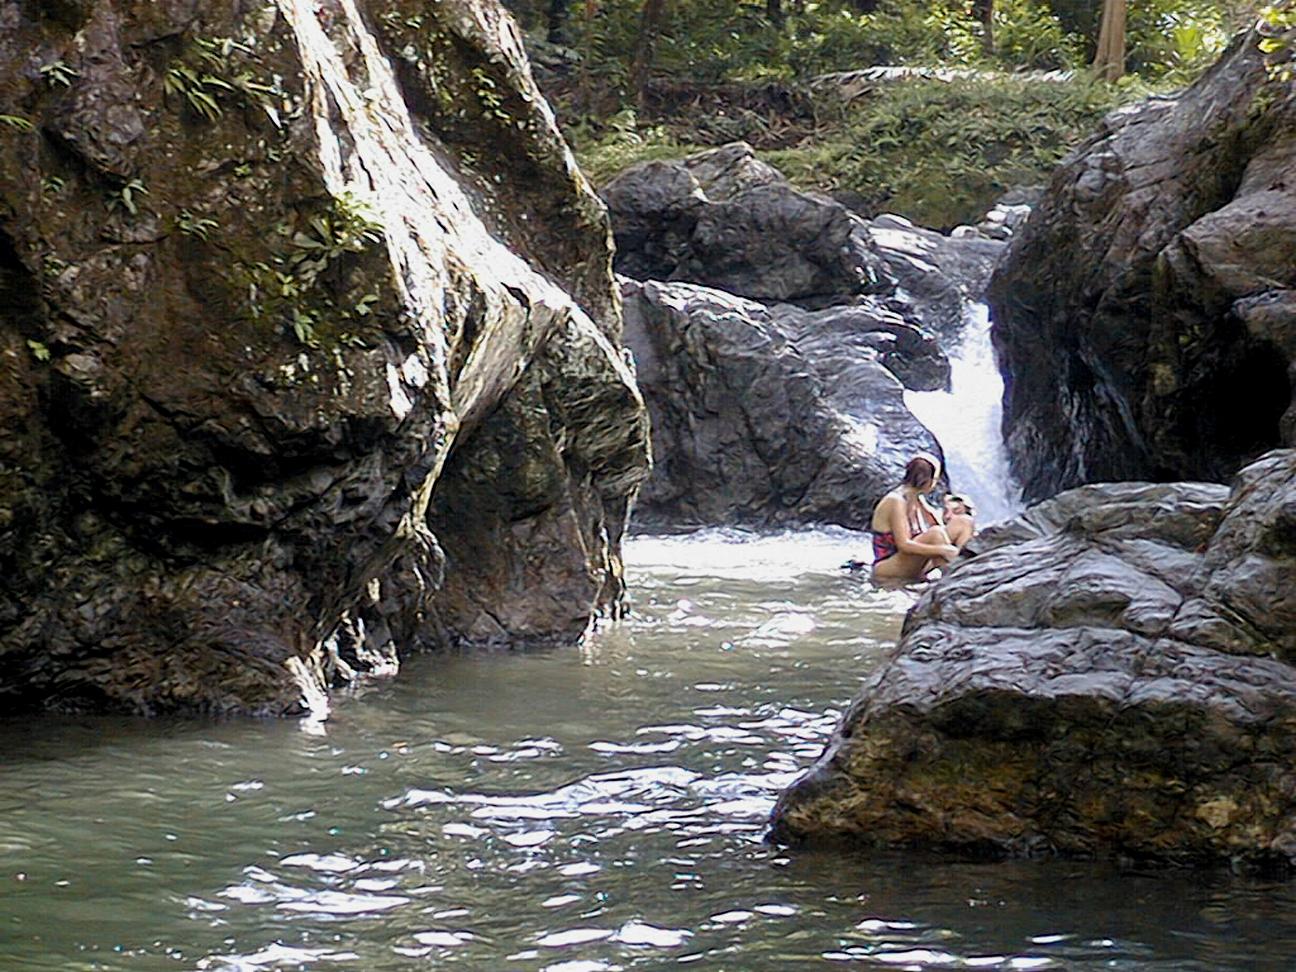 A swimming hole in the Rio Tigre